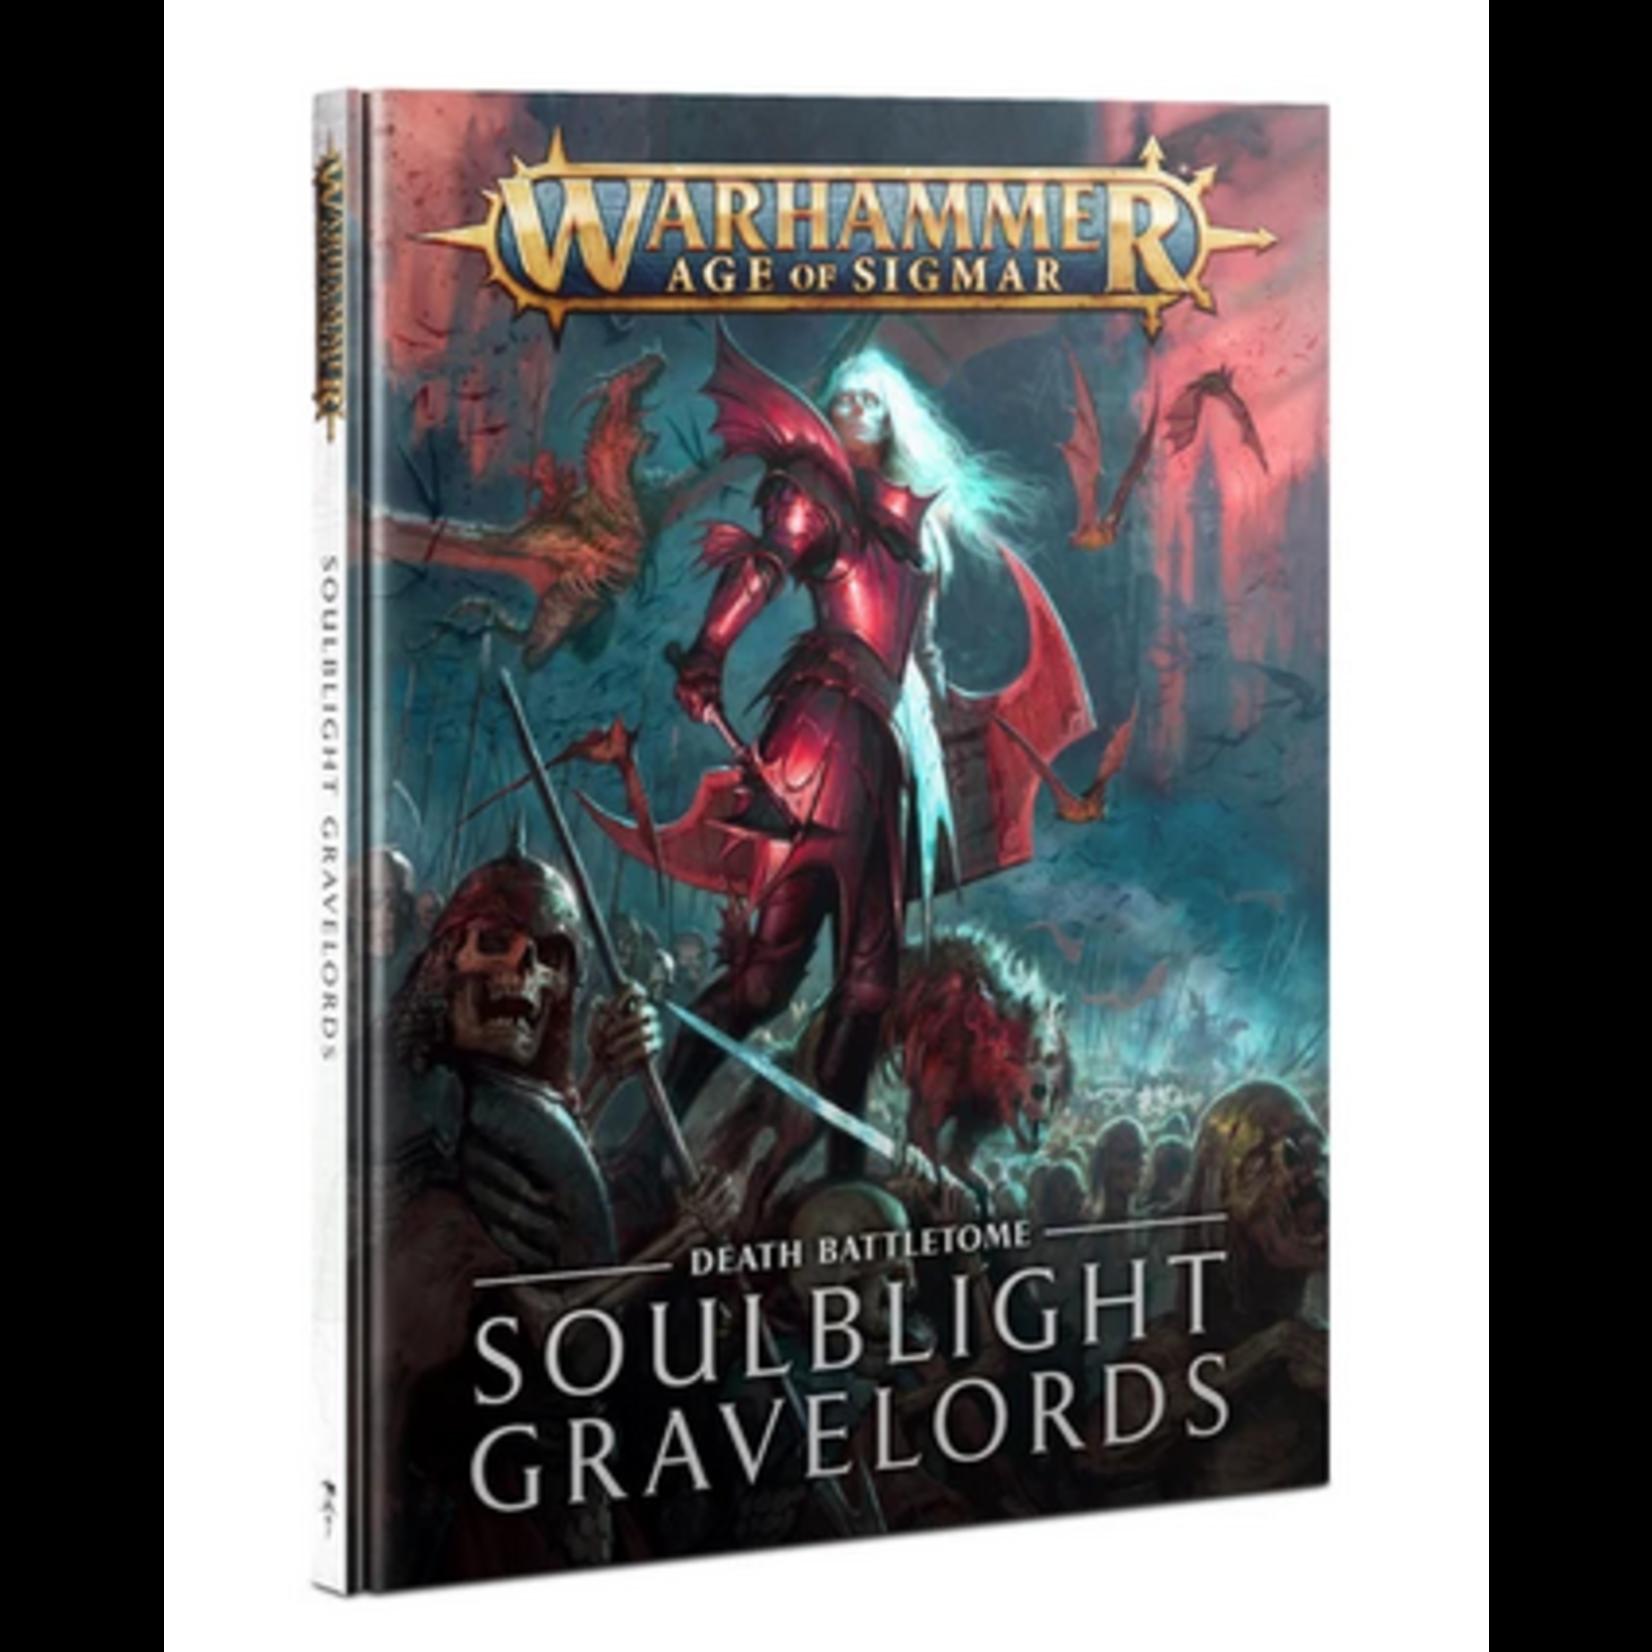 Games Workshop Battletome Soulblight Gravelords (AOS)